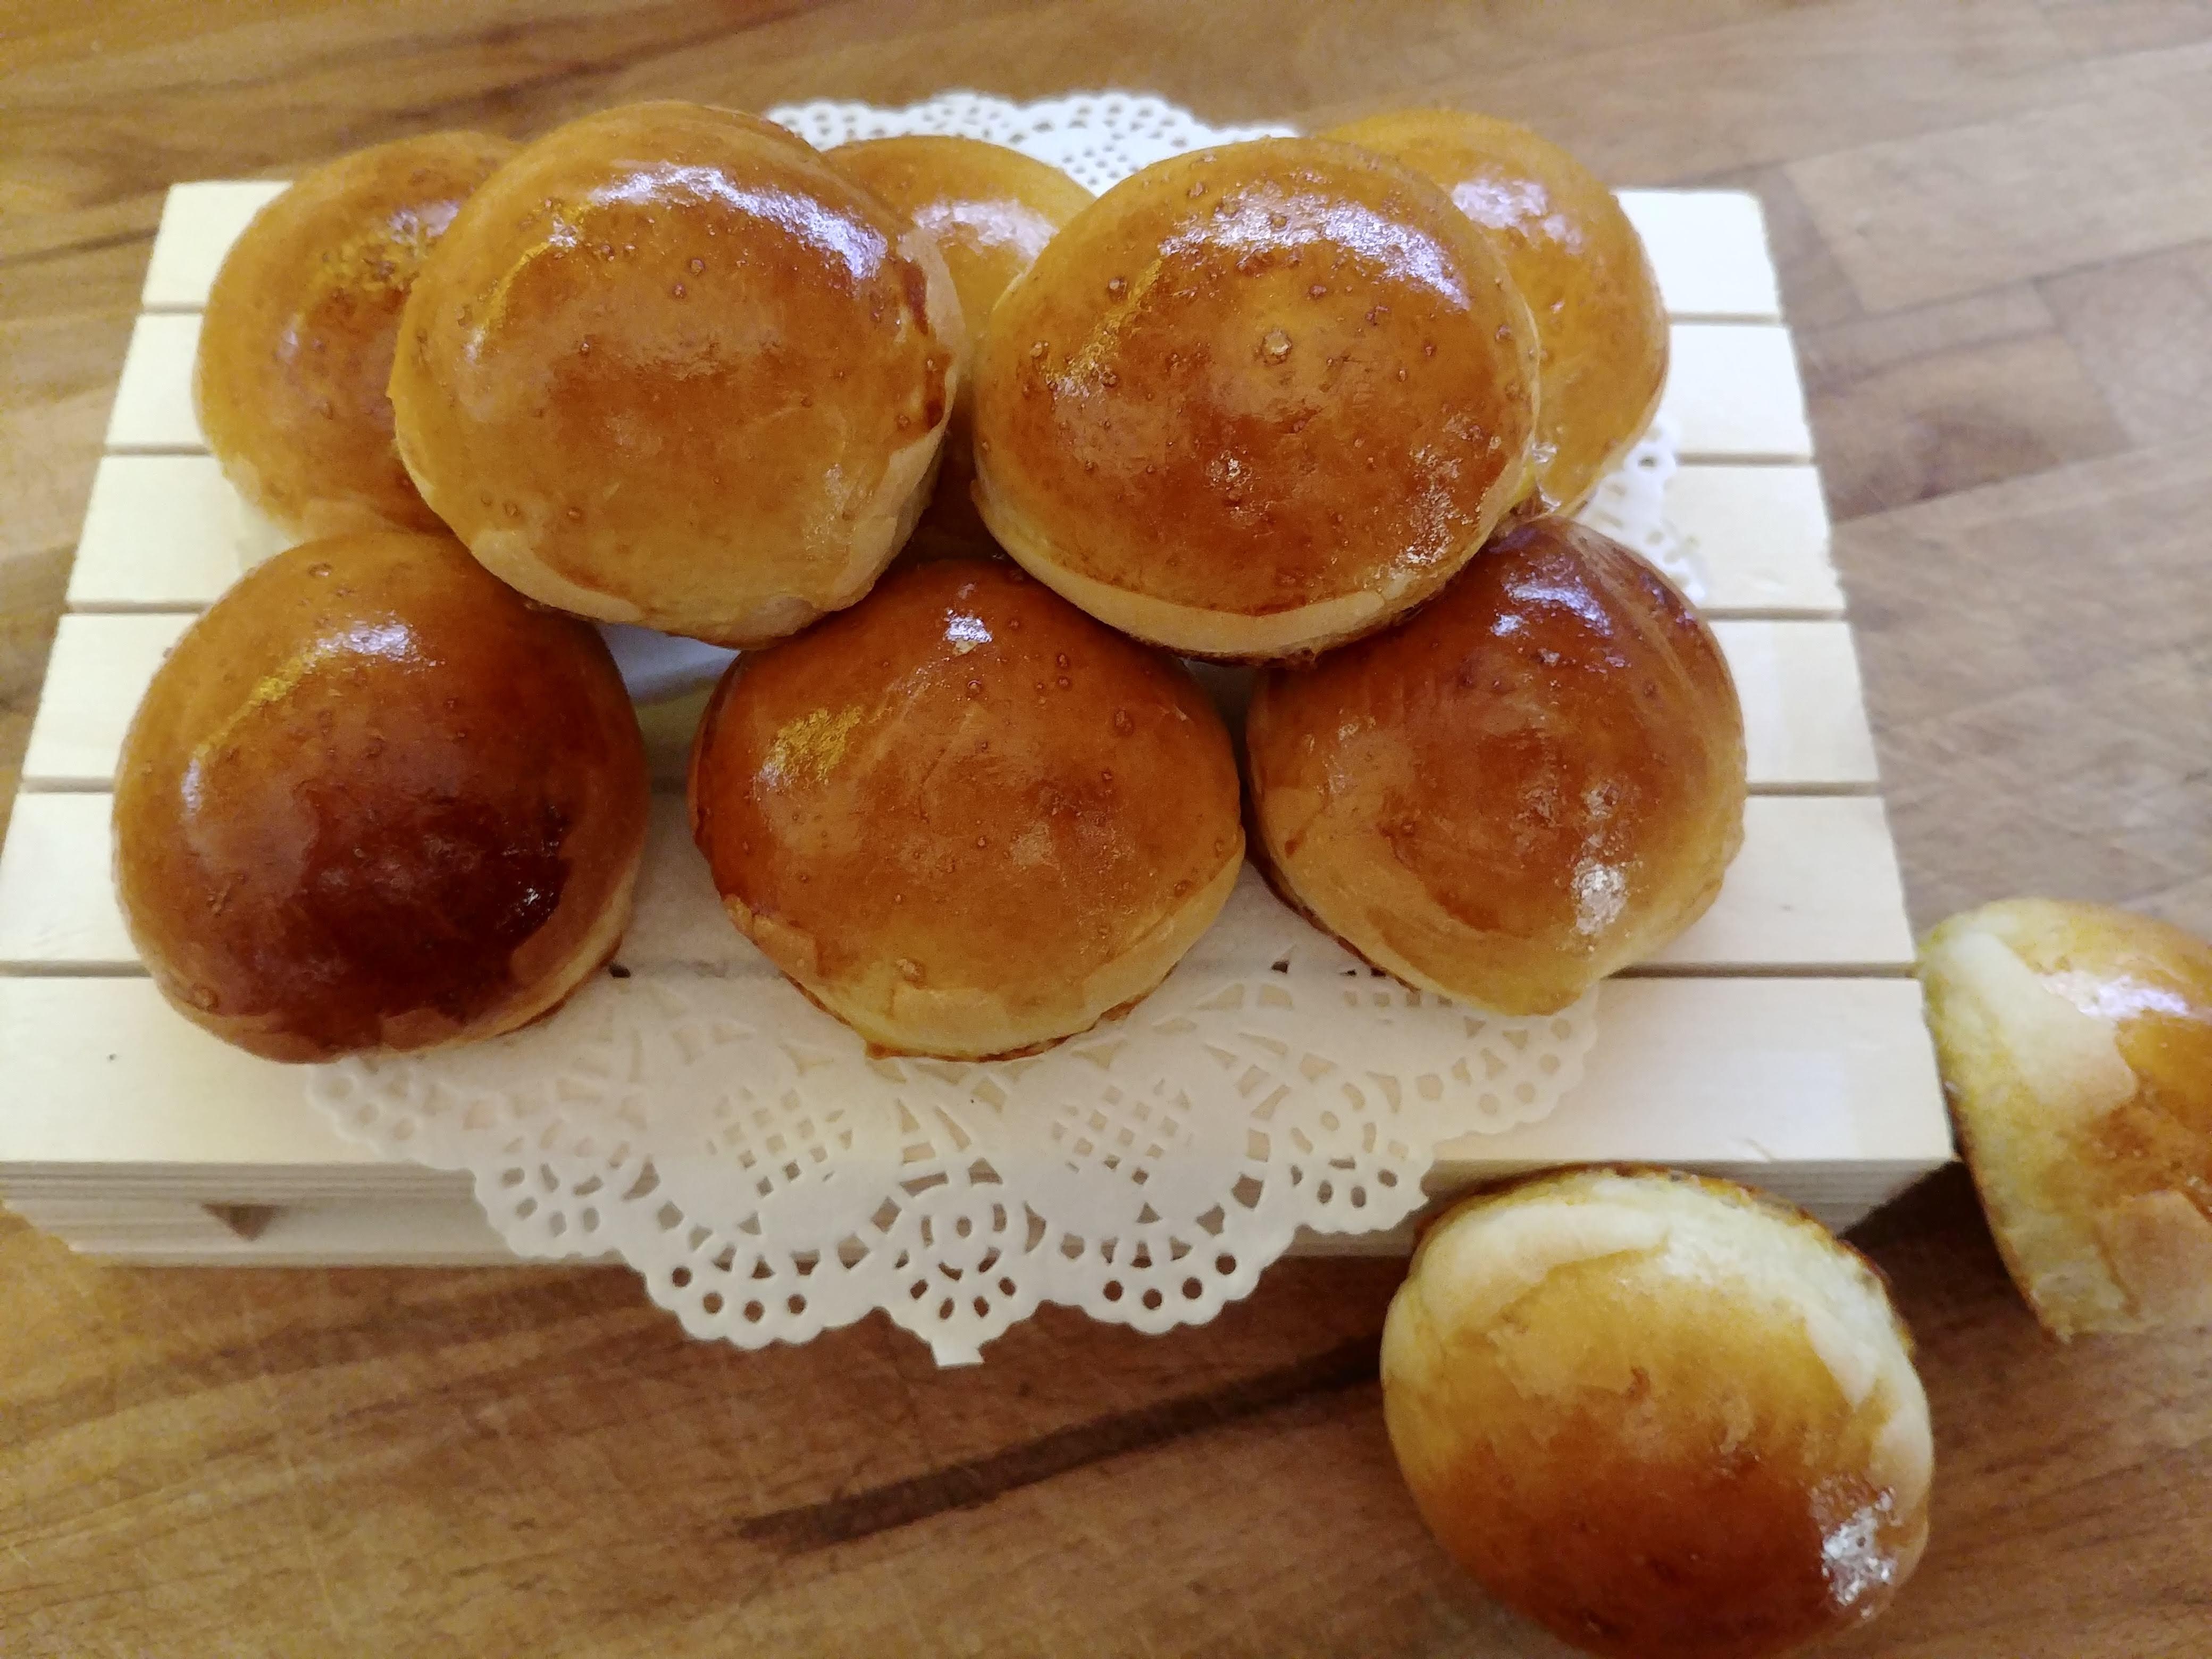 Paninibollini per ripieni dolci e salati